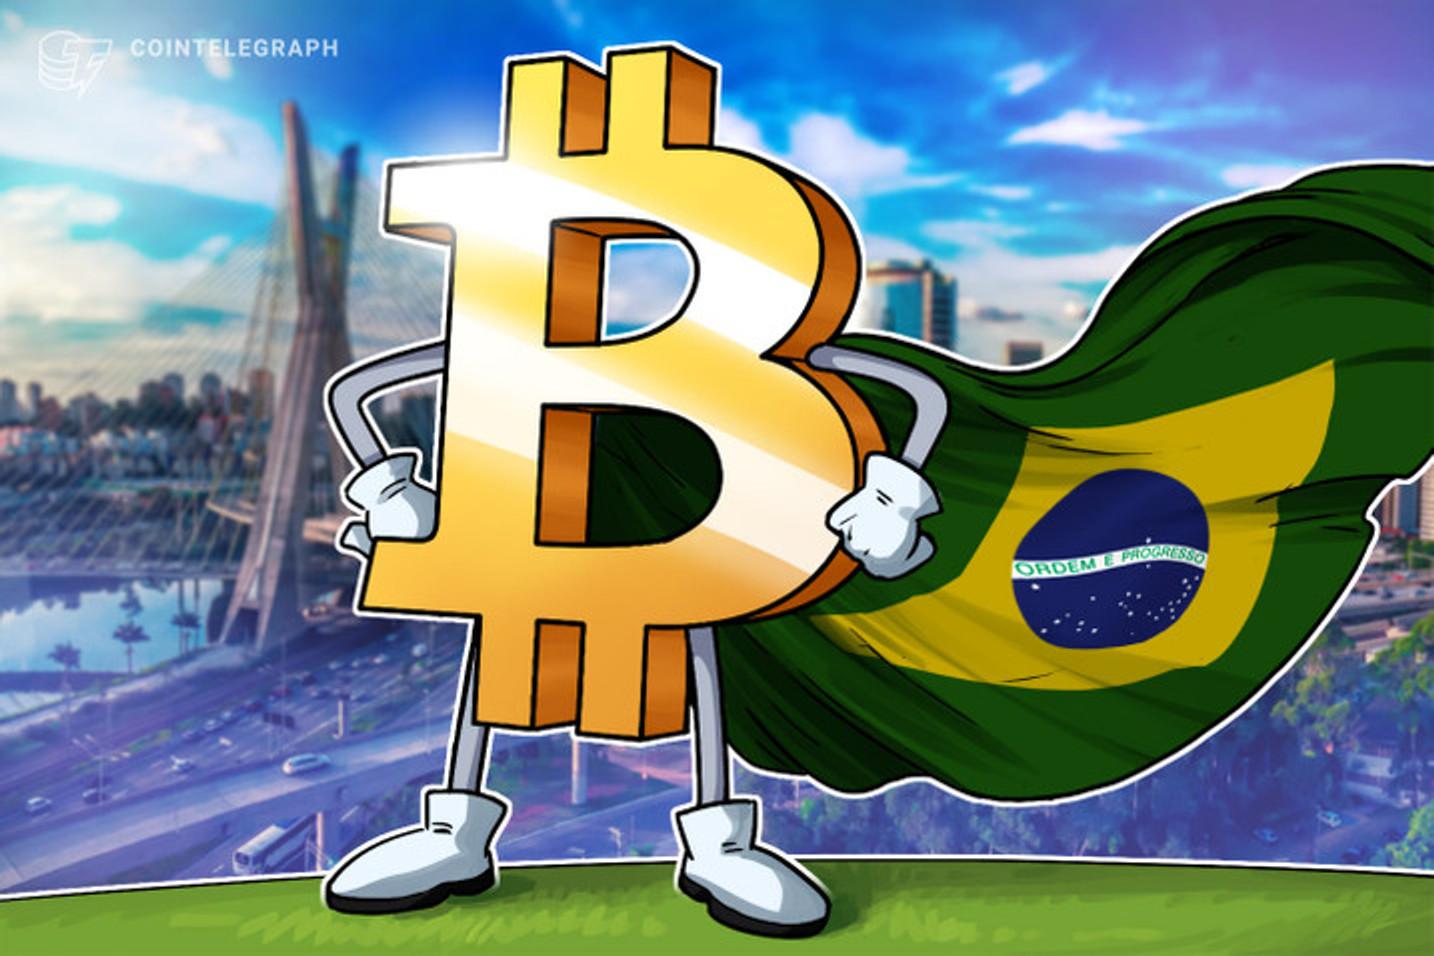 Agora é possível emprestar dinheiro usando Bitcoin como garantia e com taxa de juros a partir de 0.69% ao mês